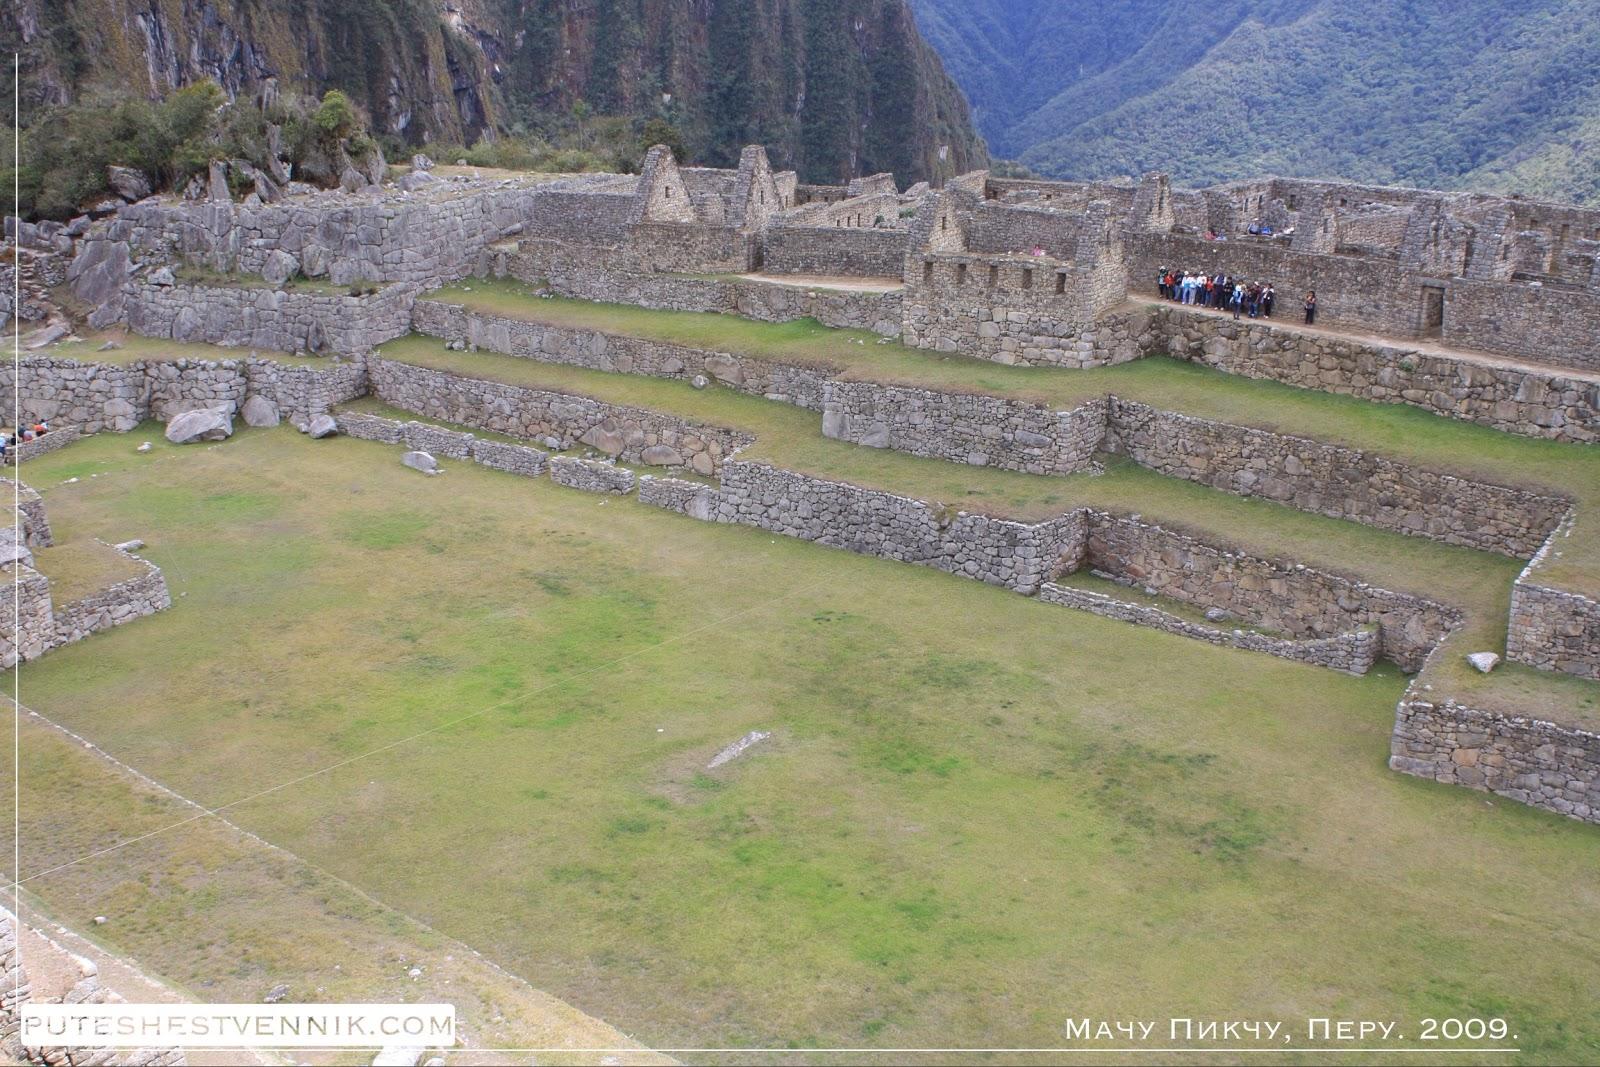 Площадь в древнем городе Мачу-Пикчу